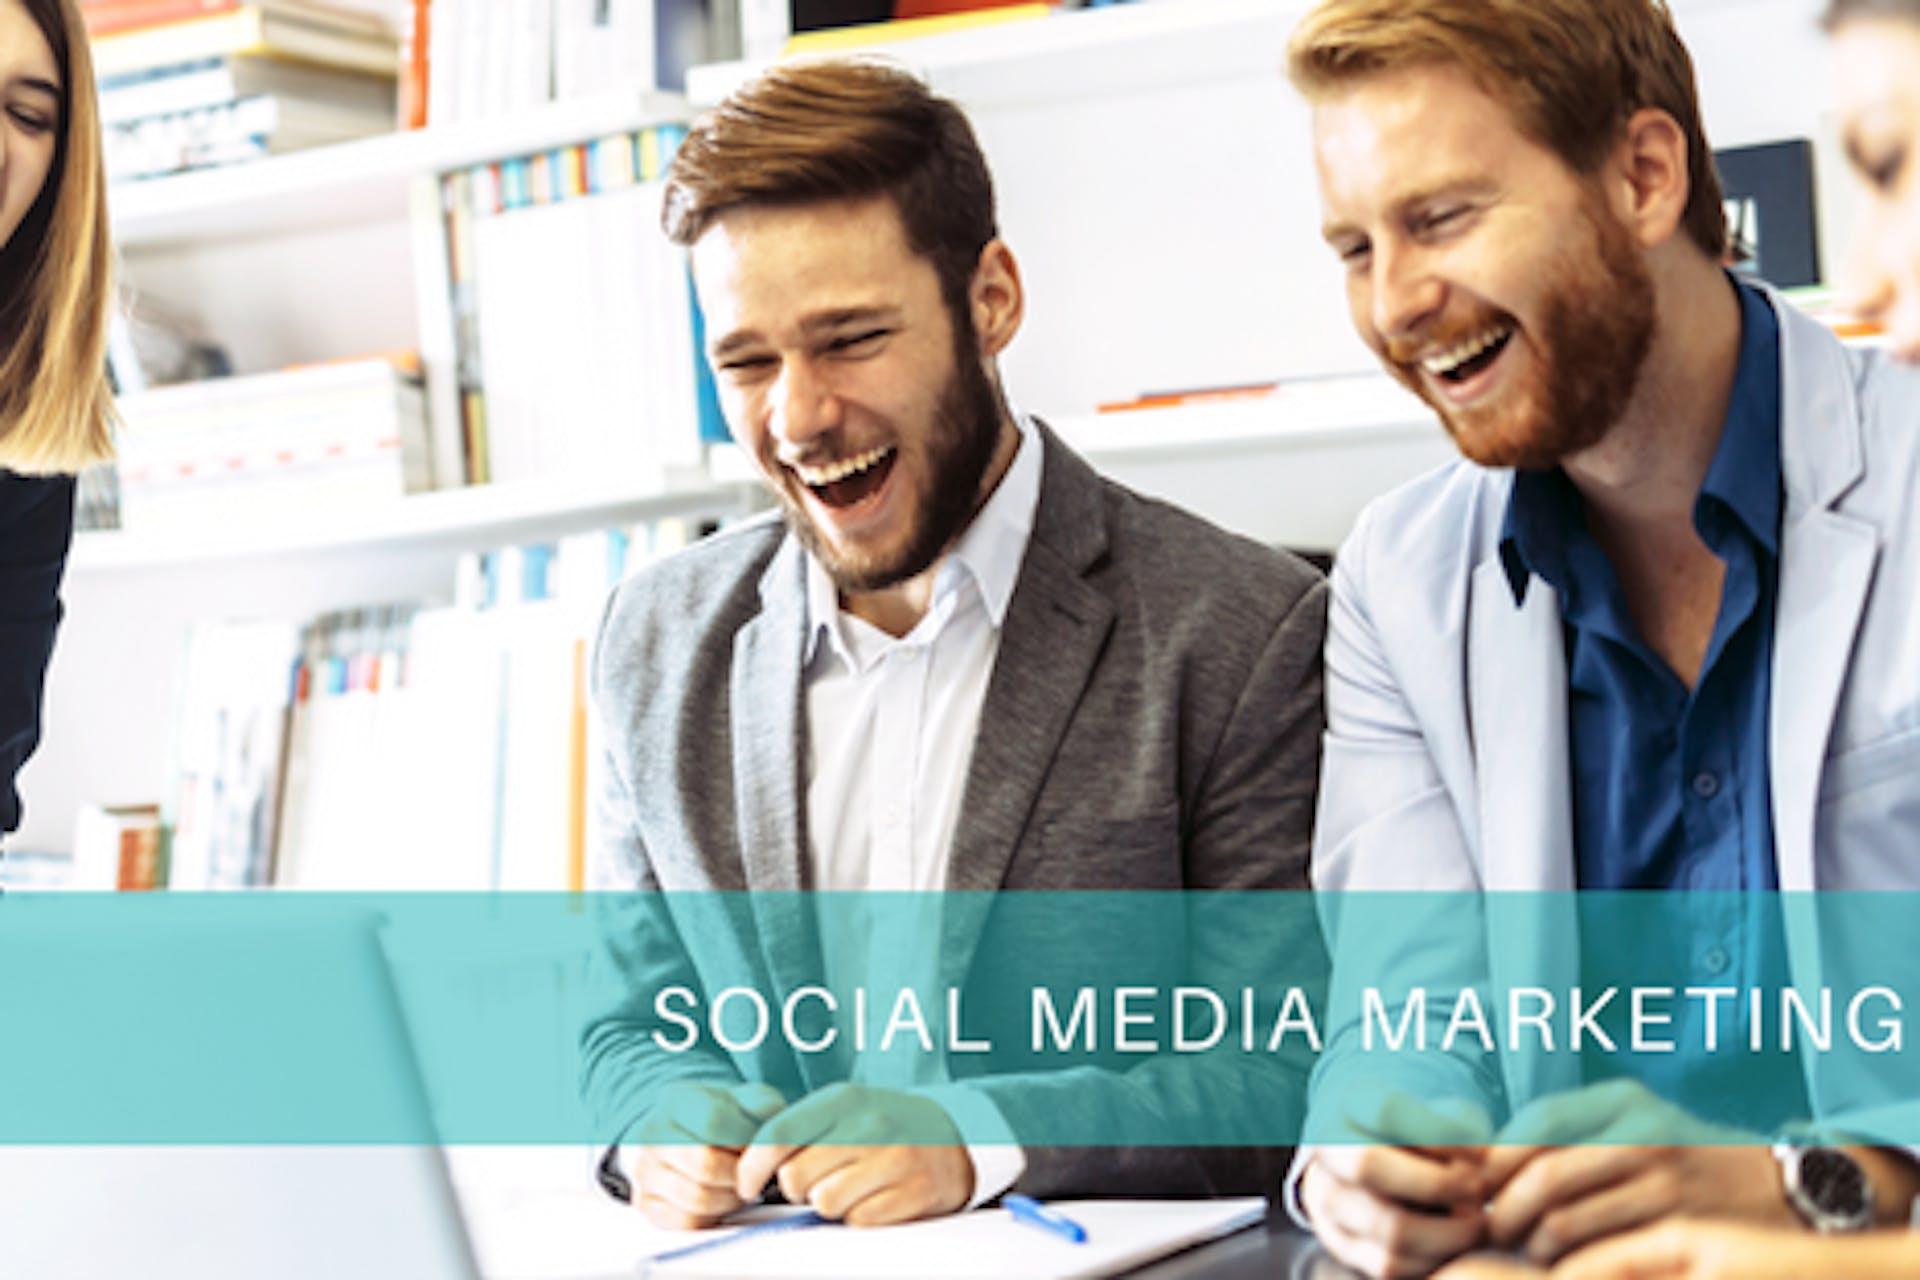 3 Menschen lachend bei der Arbeit Aufschrift Social Media Marketing